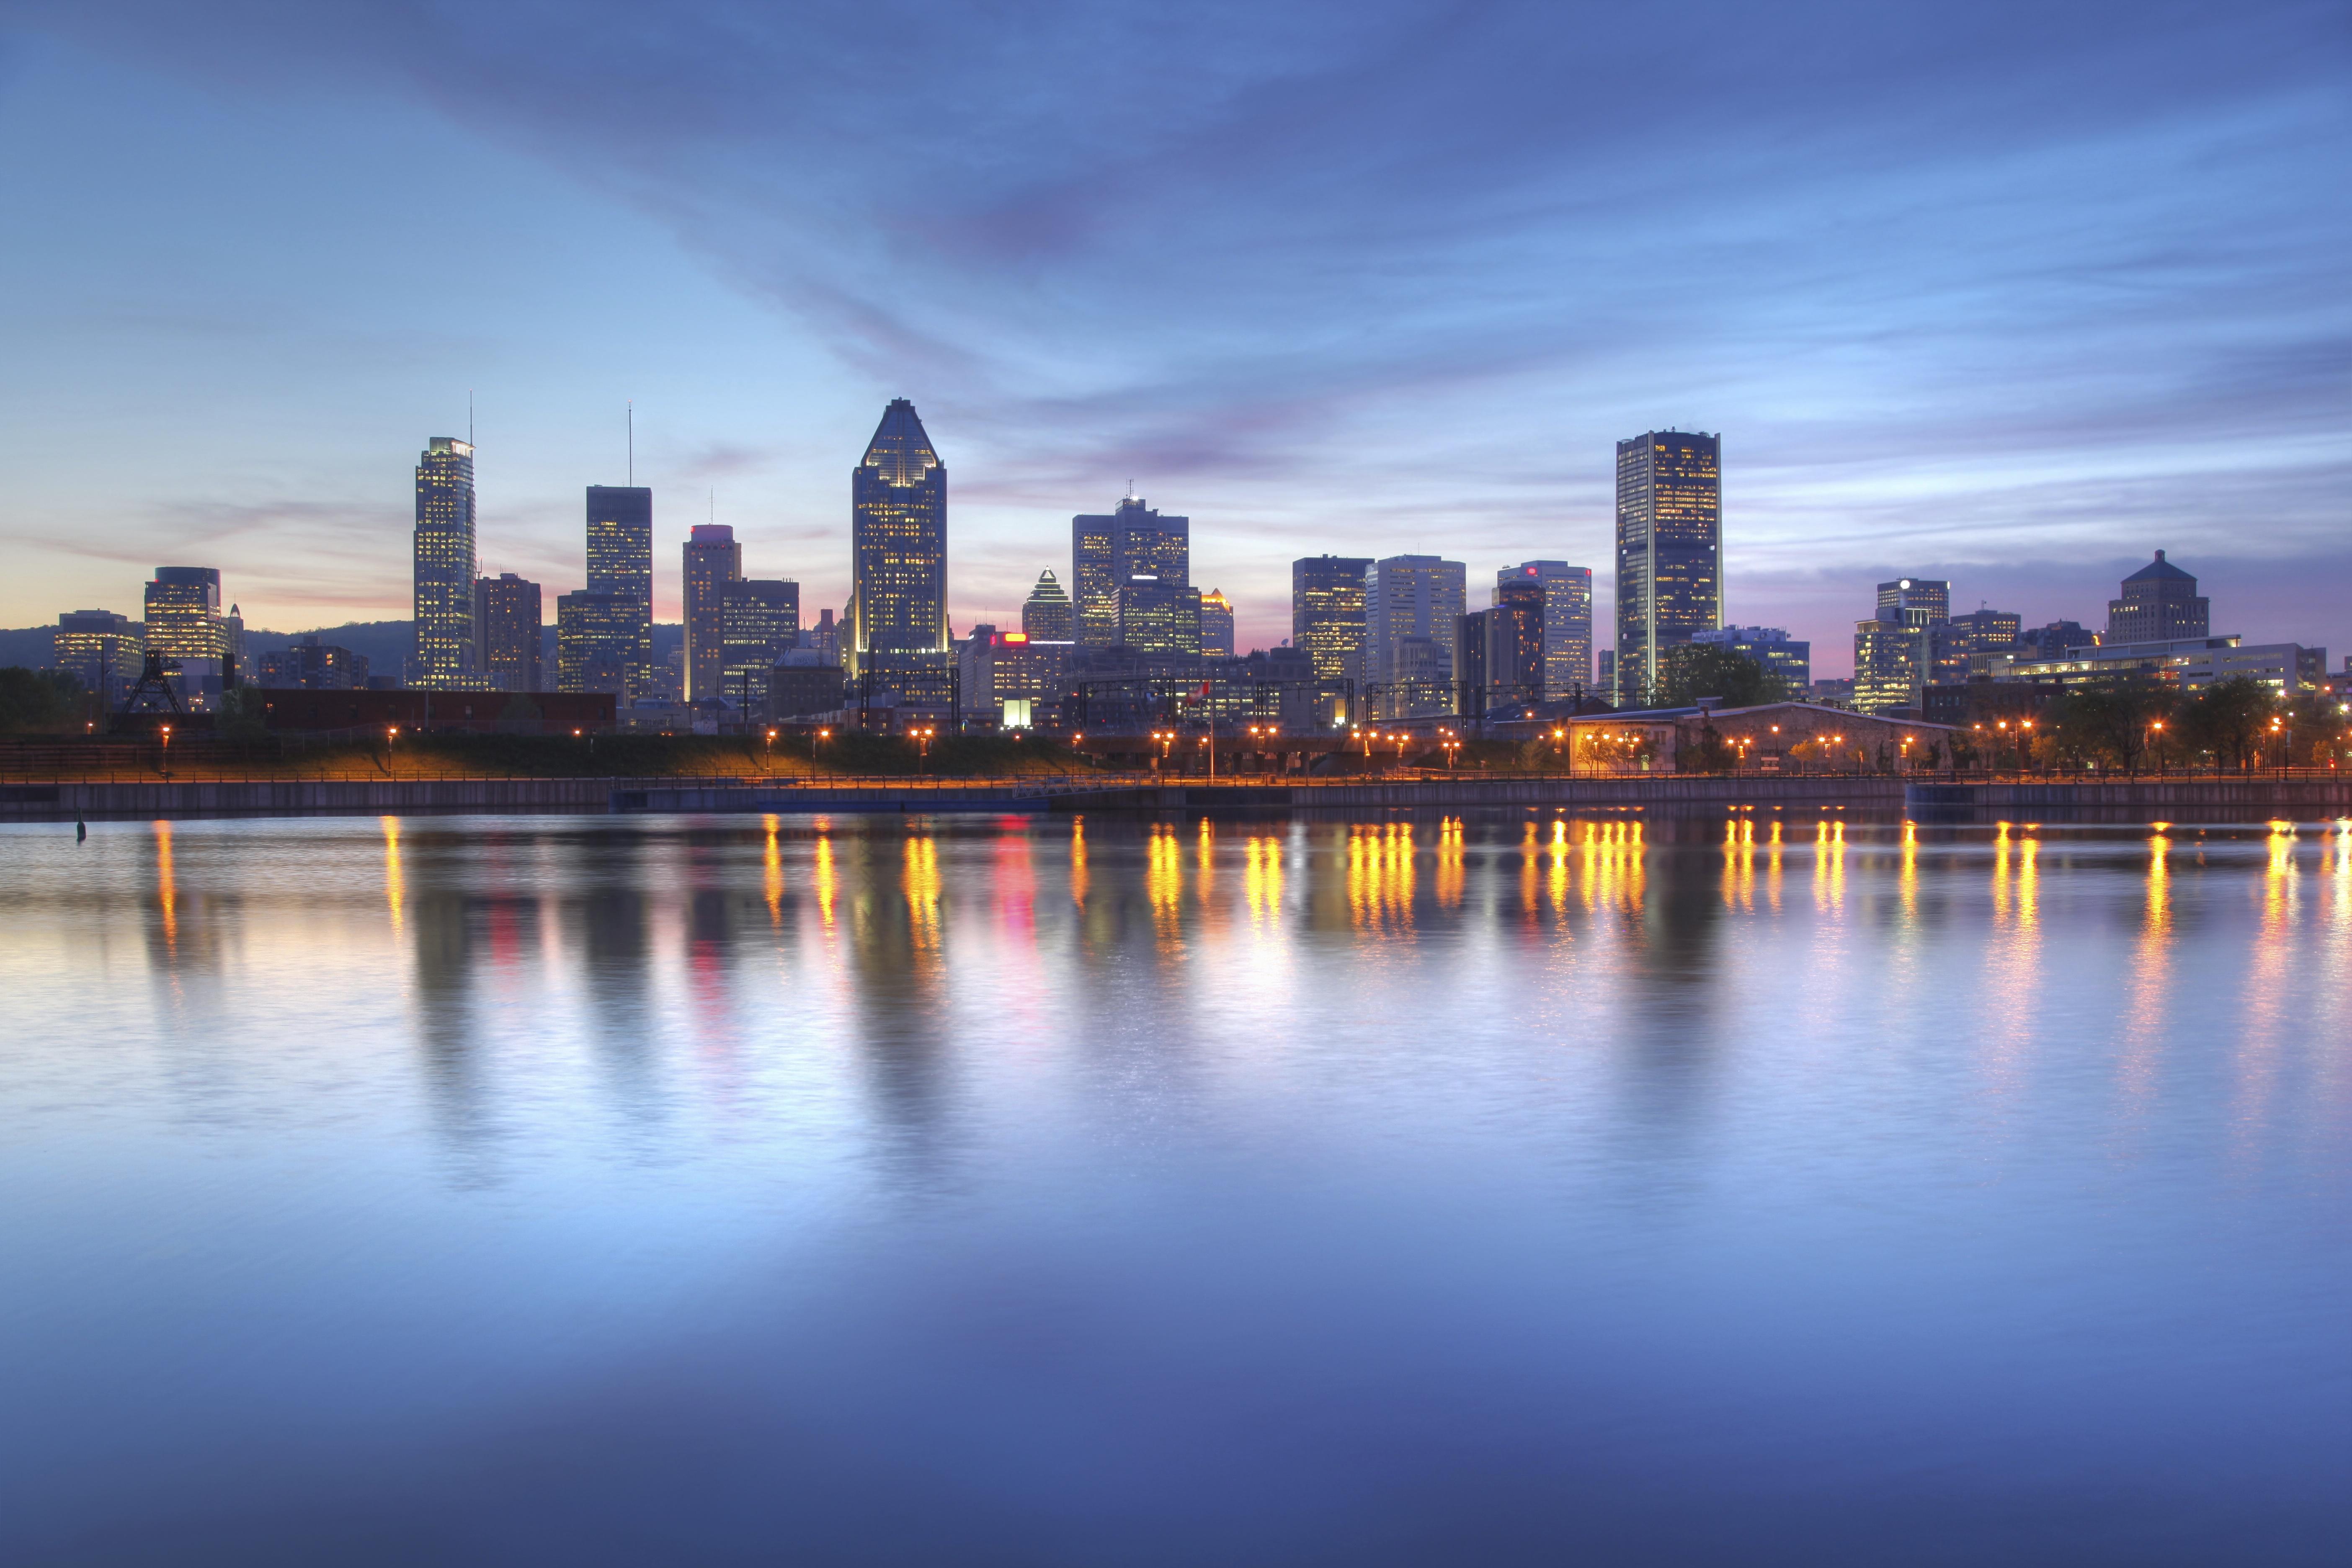 Flüge: Moskau - Istanbul - Montreal | New York - Deutschland mit TK